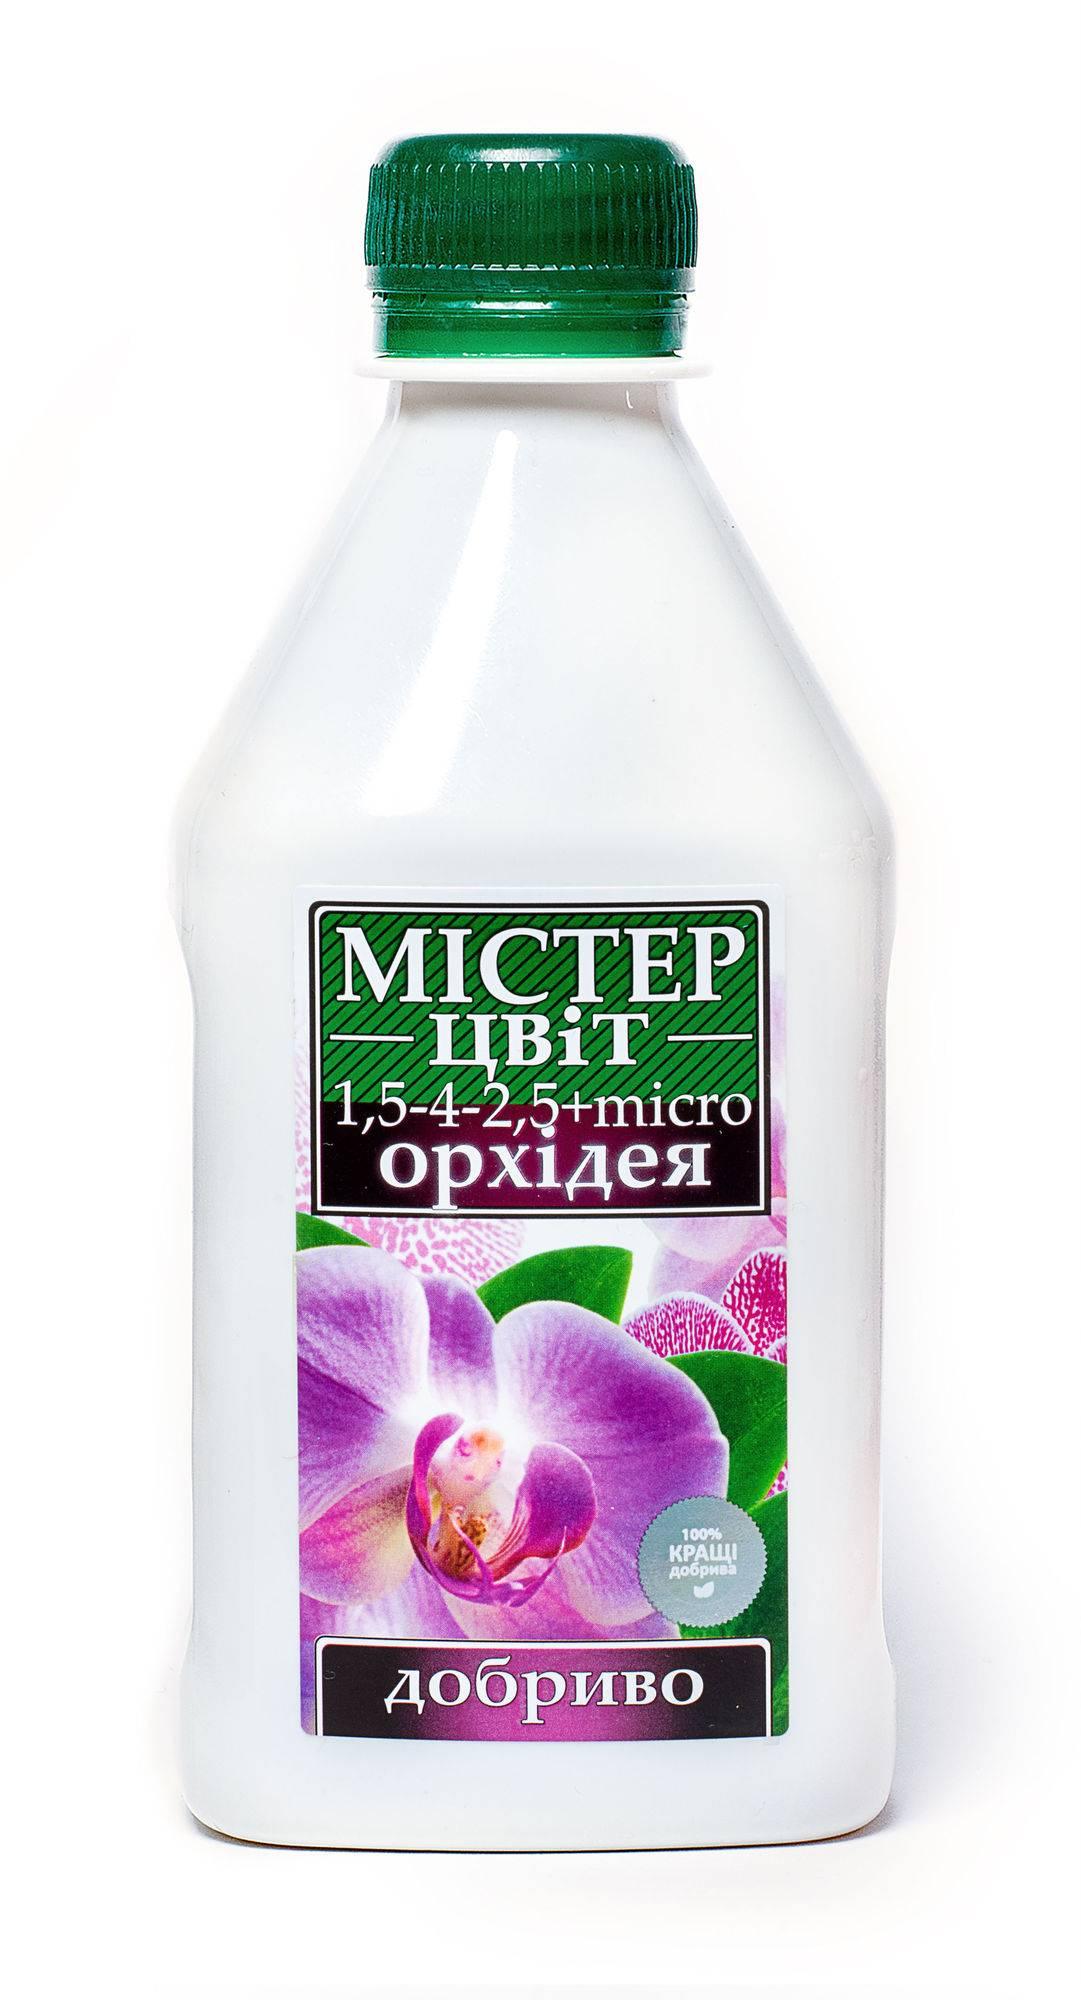 Удобрение для орхидей: агриколь и прочие химические средства для подкормки фаленопсиса в домашних условиях, чем удобрять, чтобы цветок зацвел